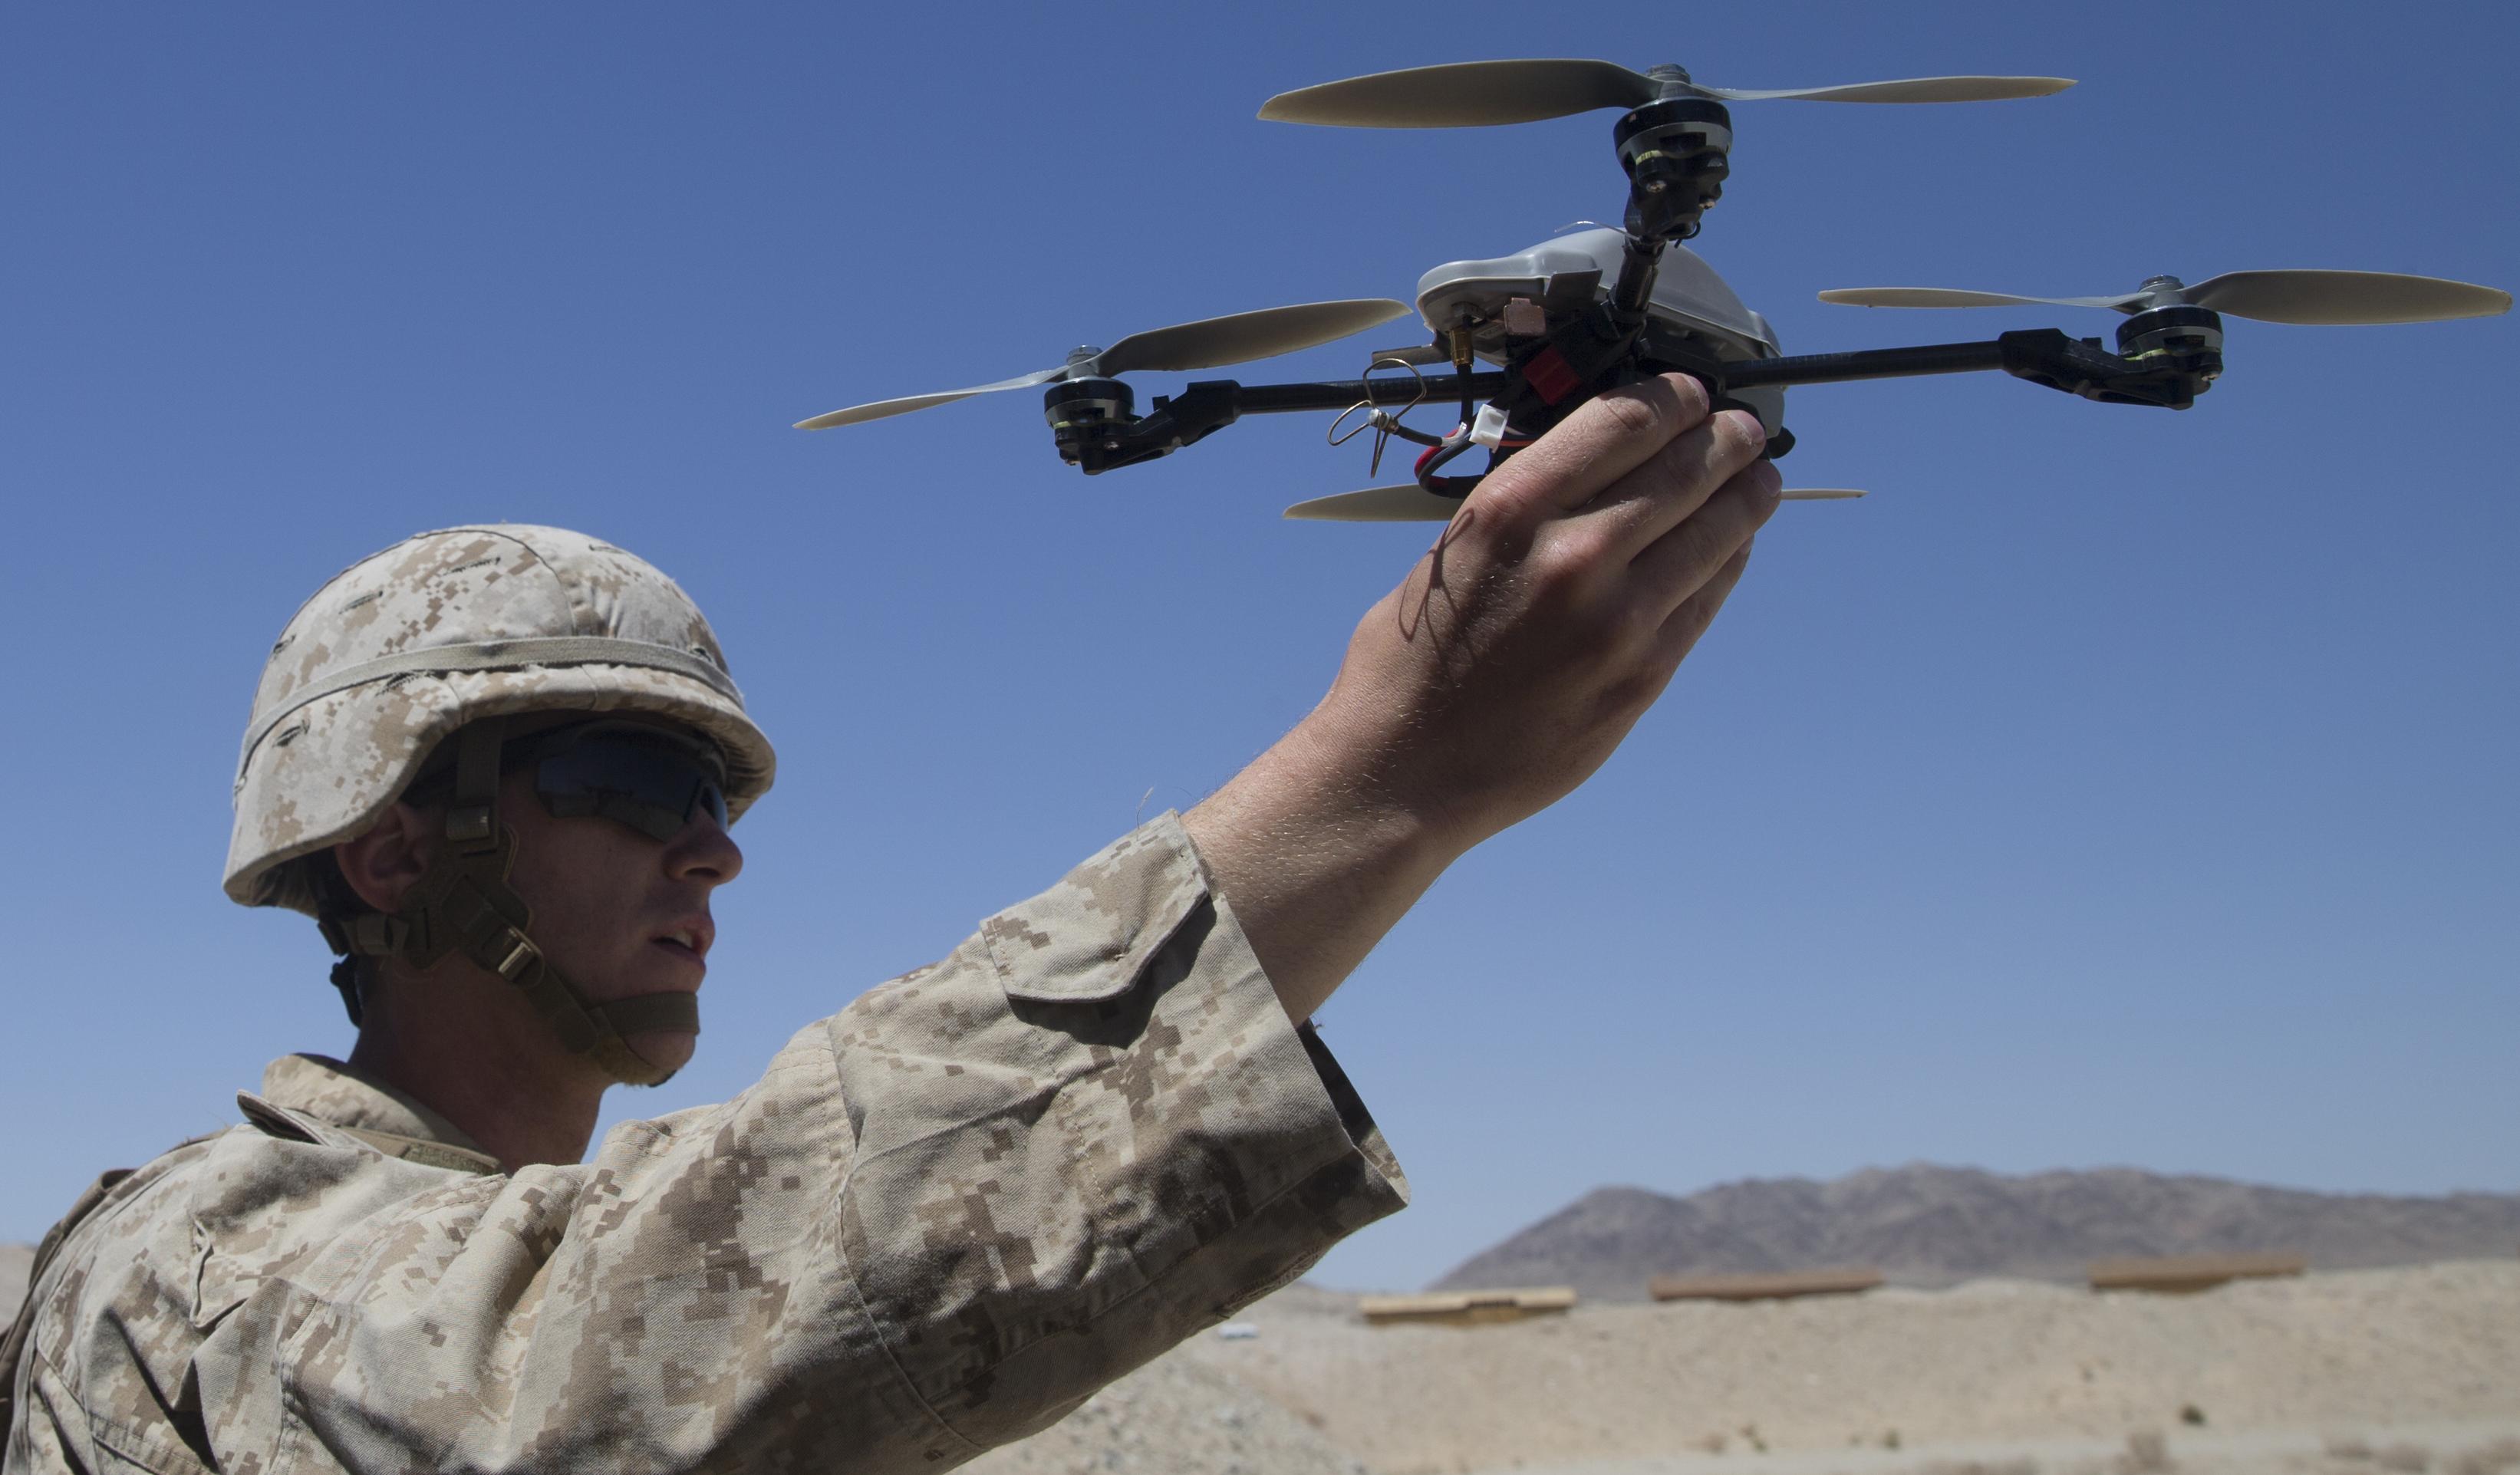 Солдаты смогут контролировать боевые беспилотники силой мысли